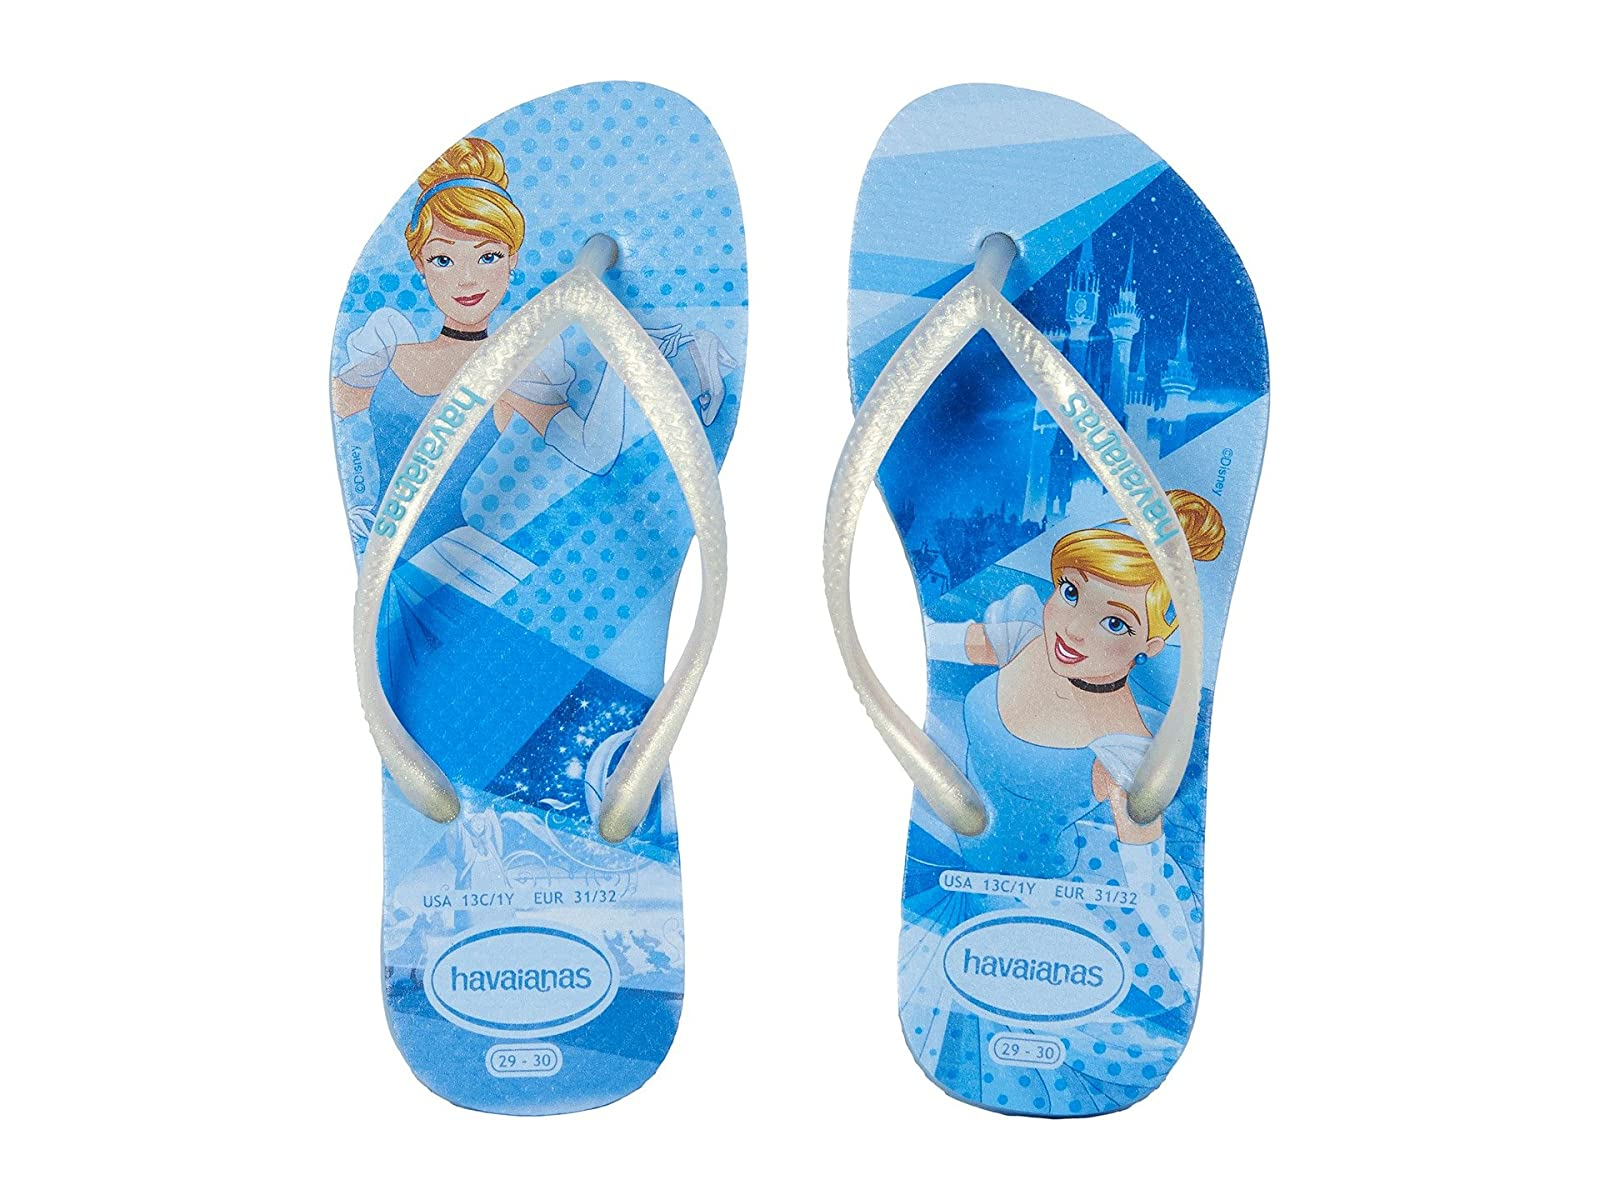 Havaianas Kids Slim Princess Flip Flops (Toddler/Little Kid/Big Kid)Atmospheric grades have affordable shoes